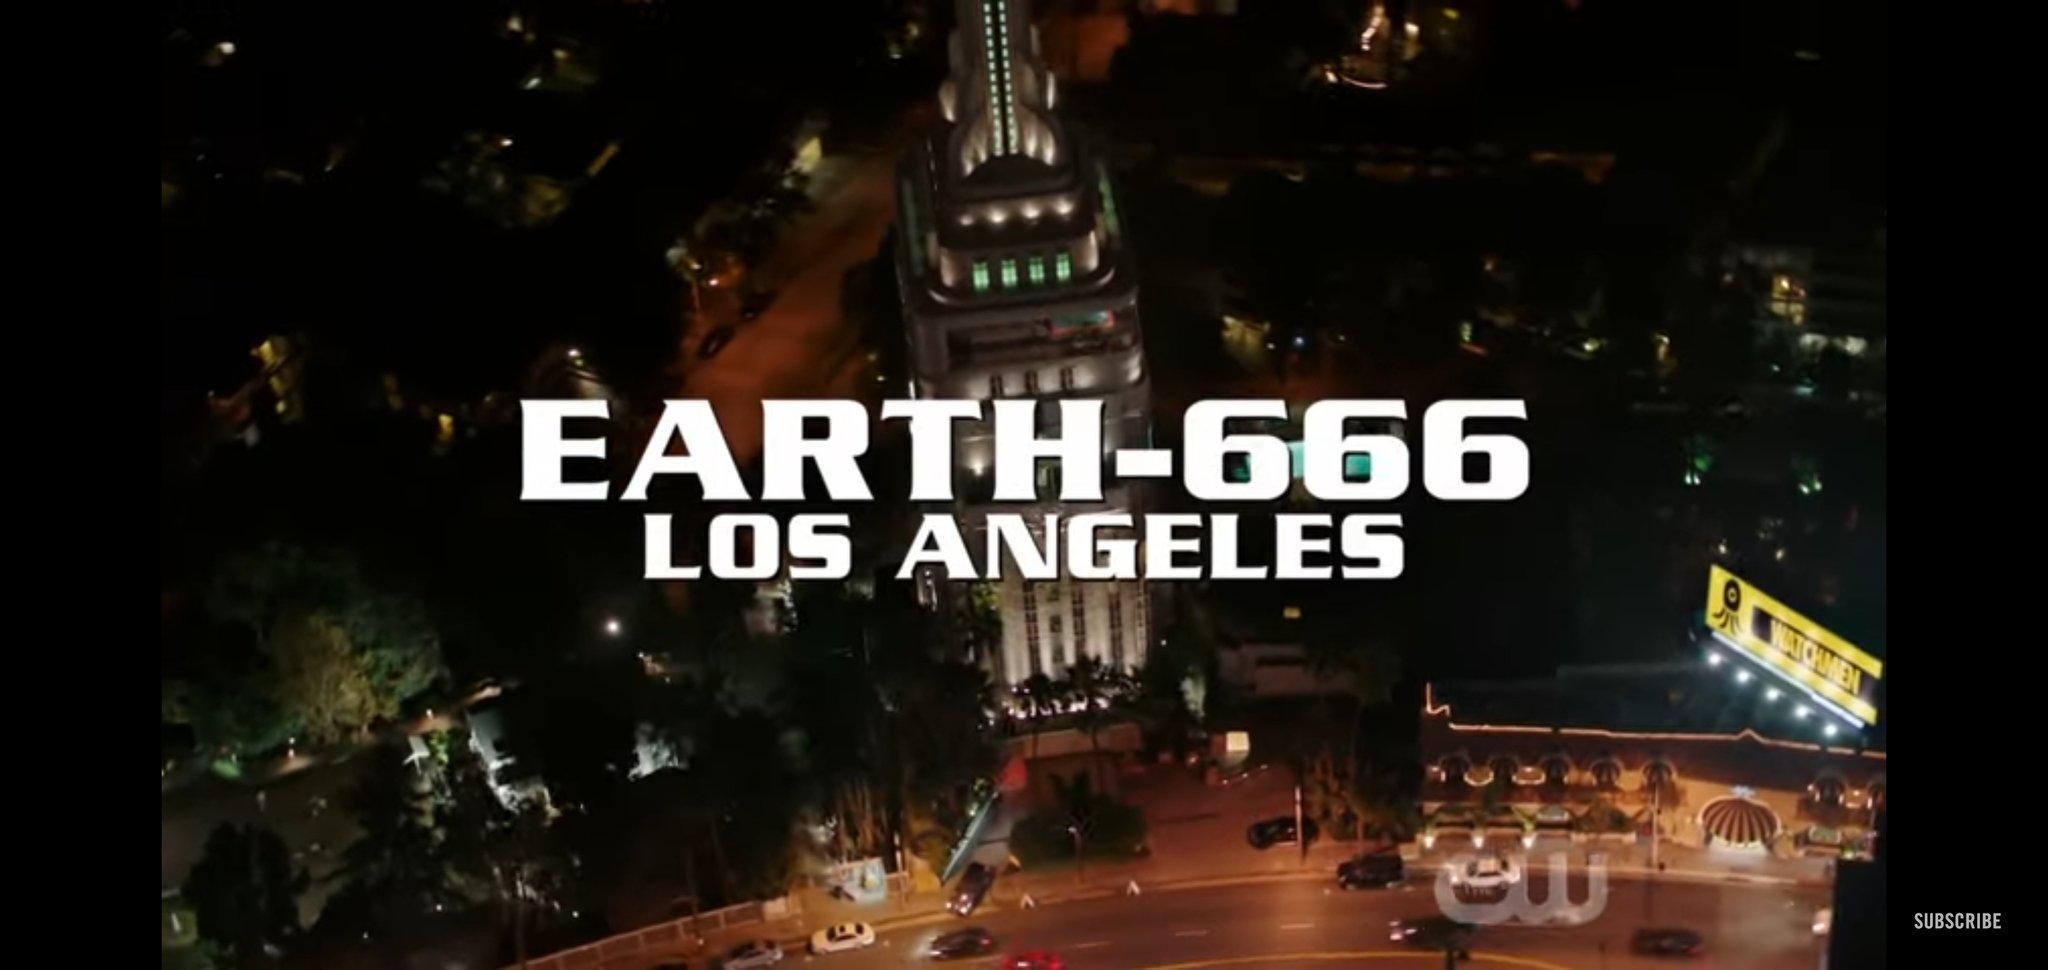 【綠箭宇宙相關】「無限地球危機」的《魔鬼神探》以及《守護者》彩蛋設定解析!